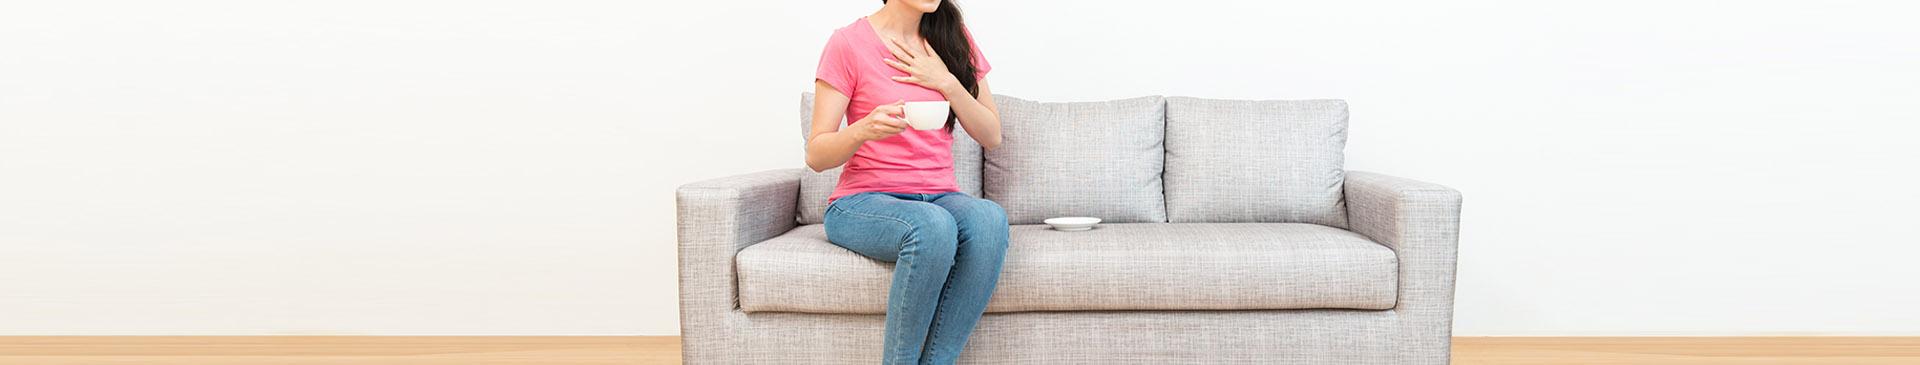 wat helpt tegen maagzuur?